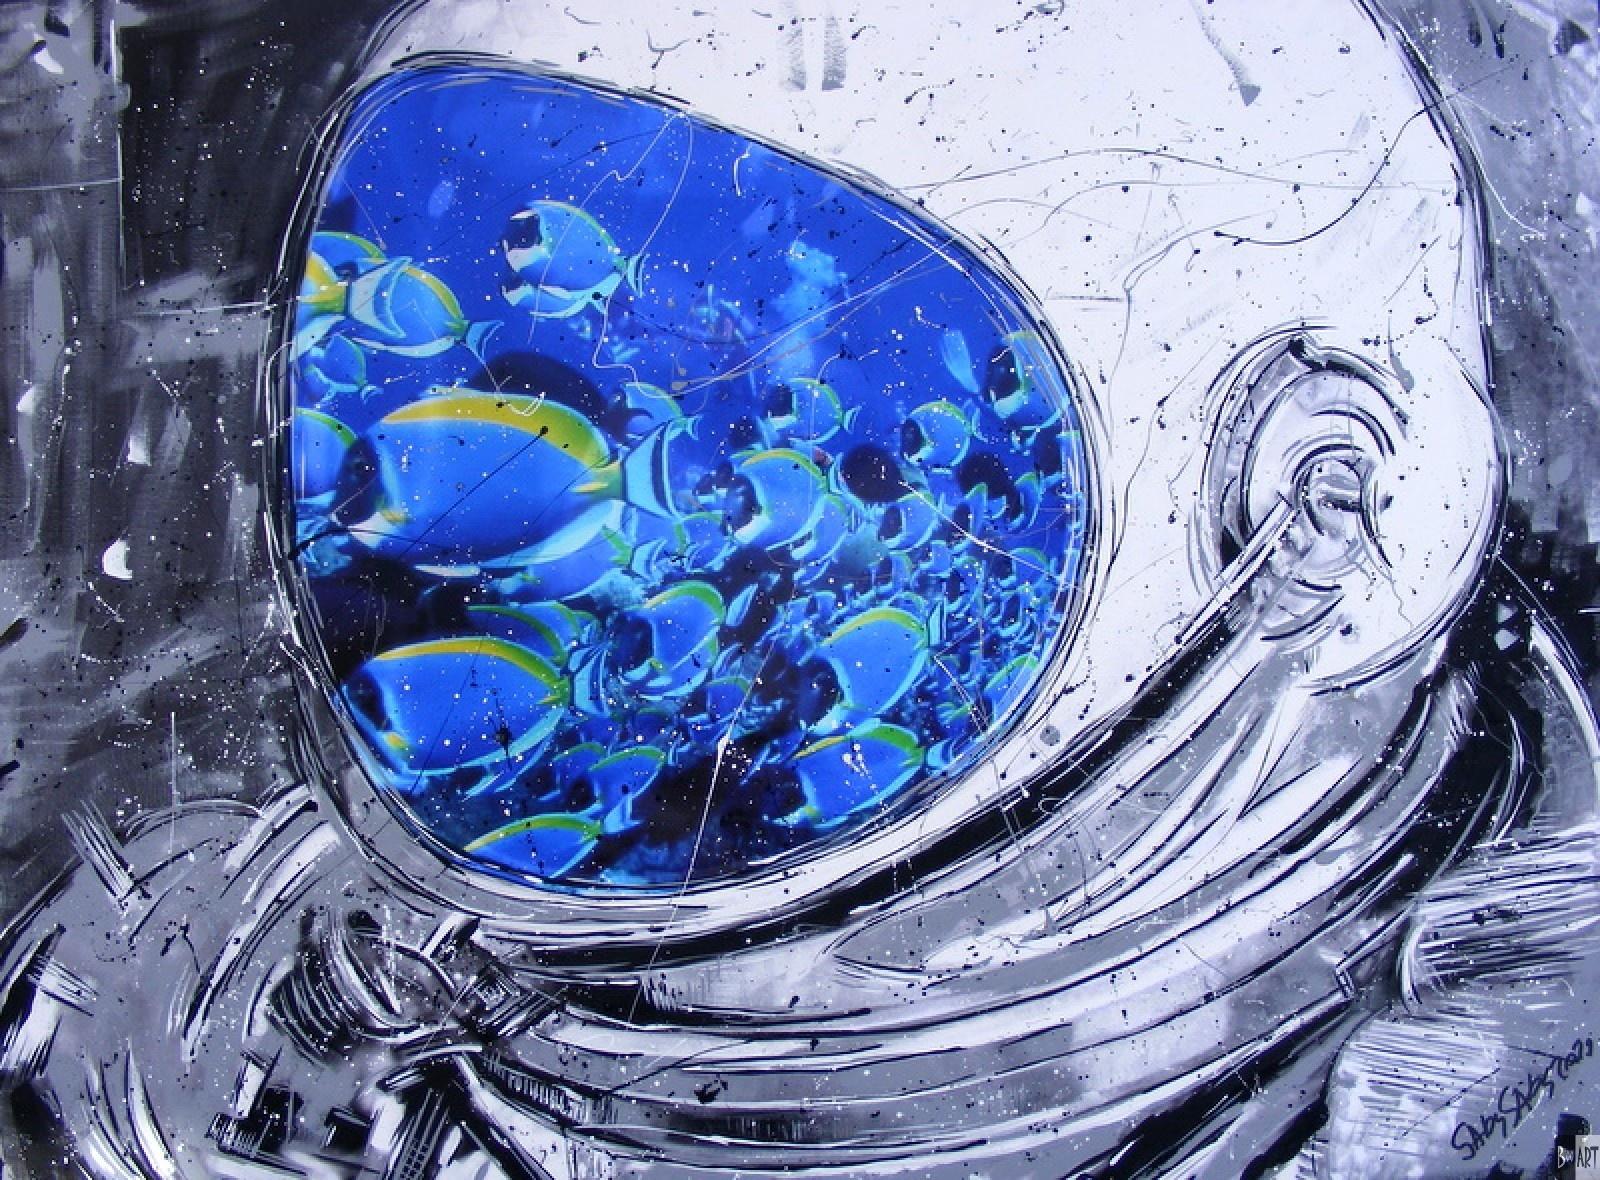 GabyGaby   Space fish